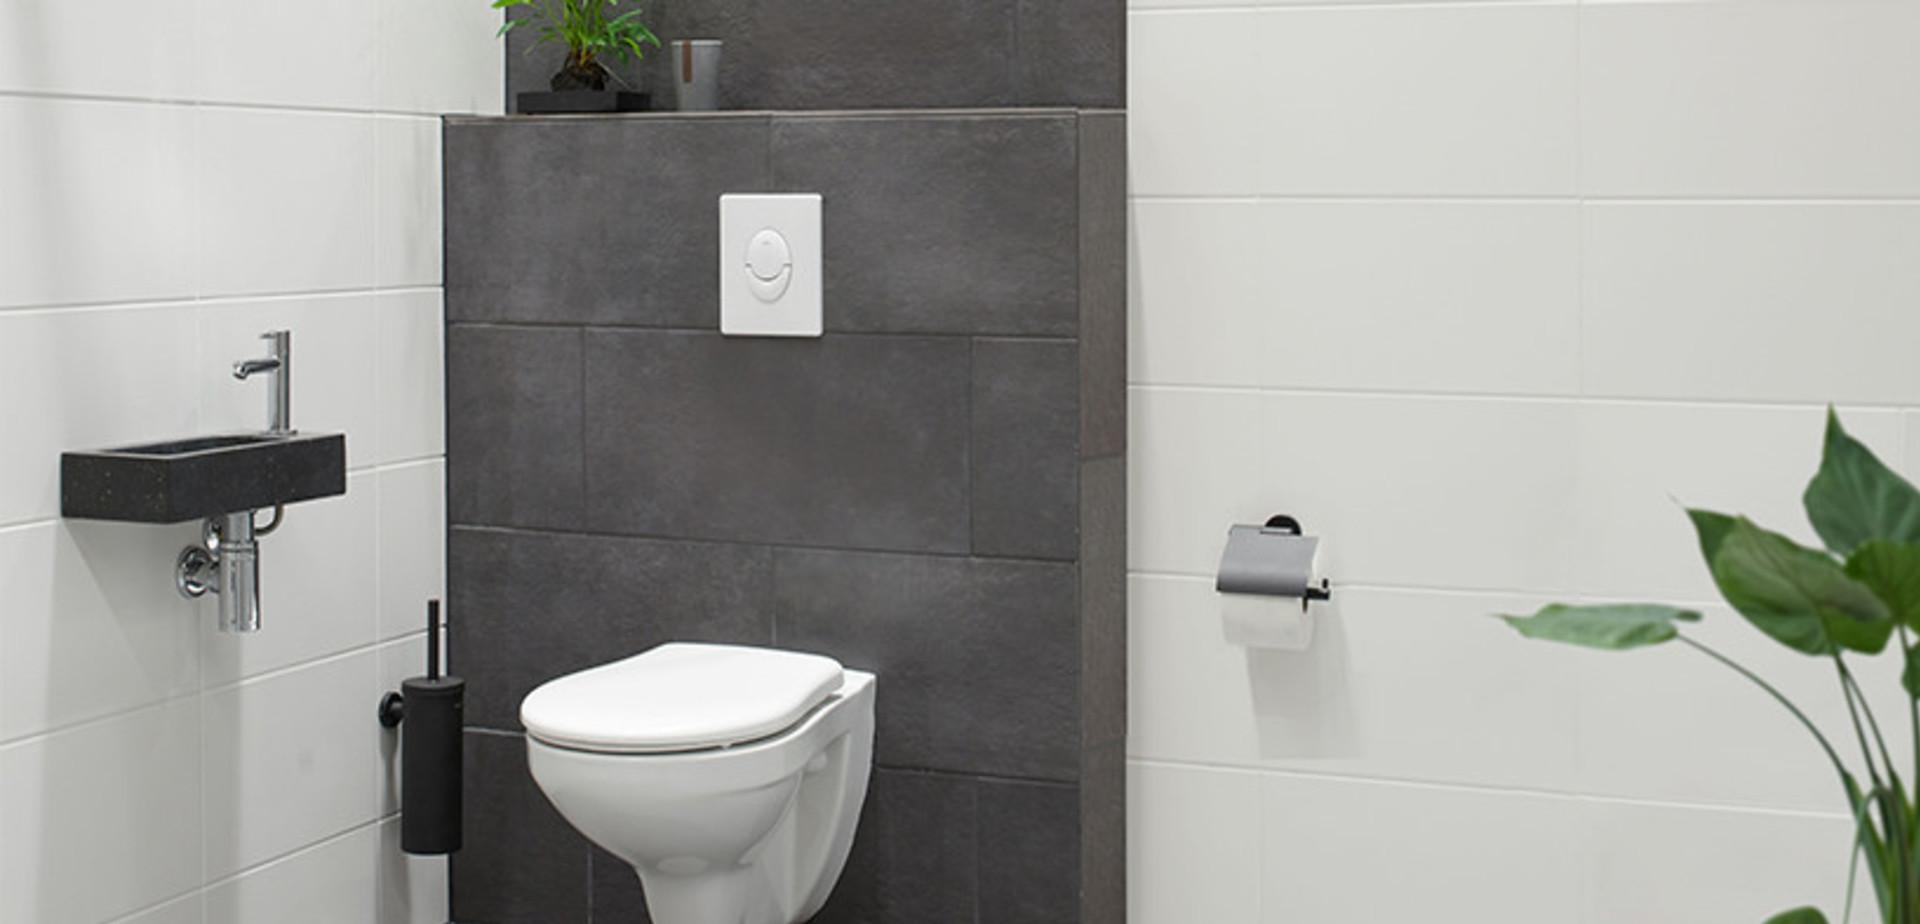 Uitgelezene Toilet renoveren doe je zo! | voordemakers.nl WD-39